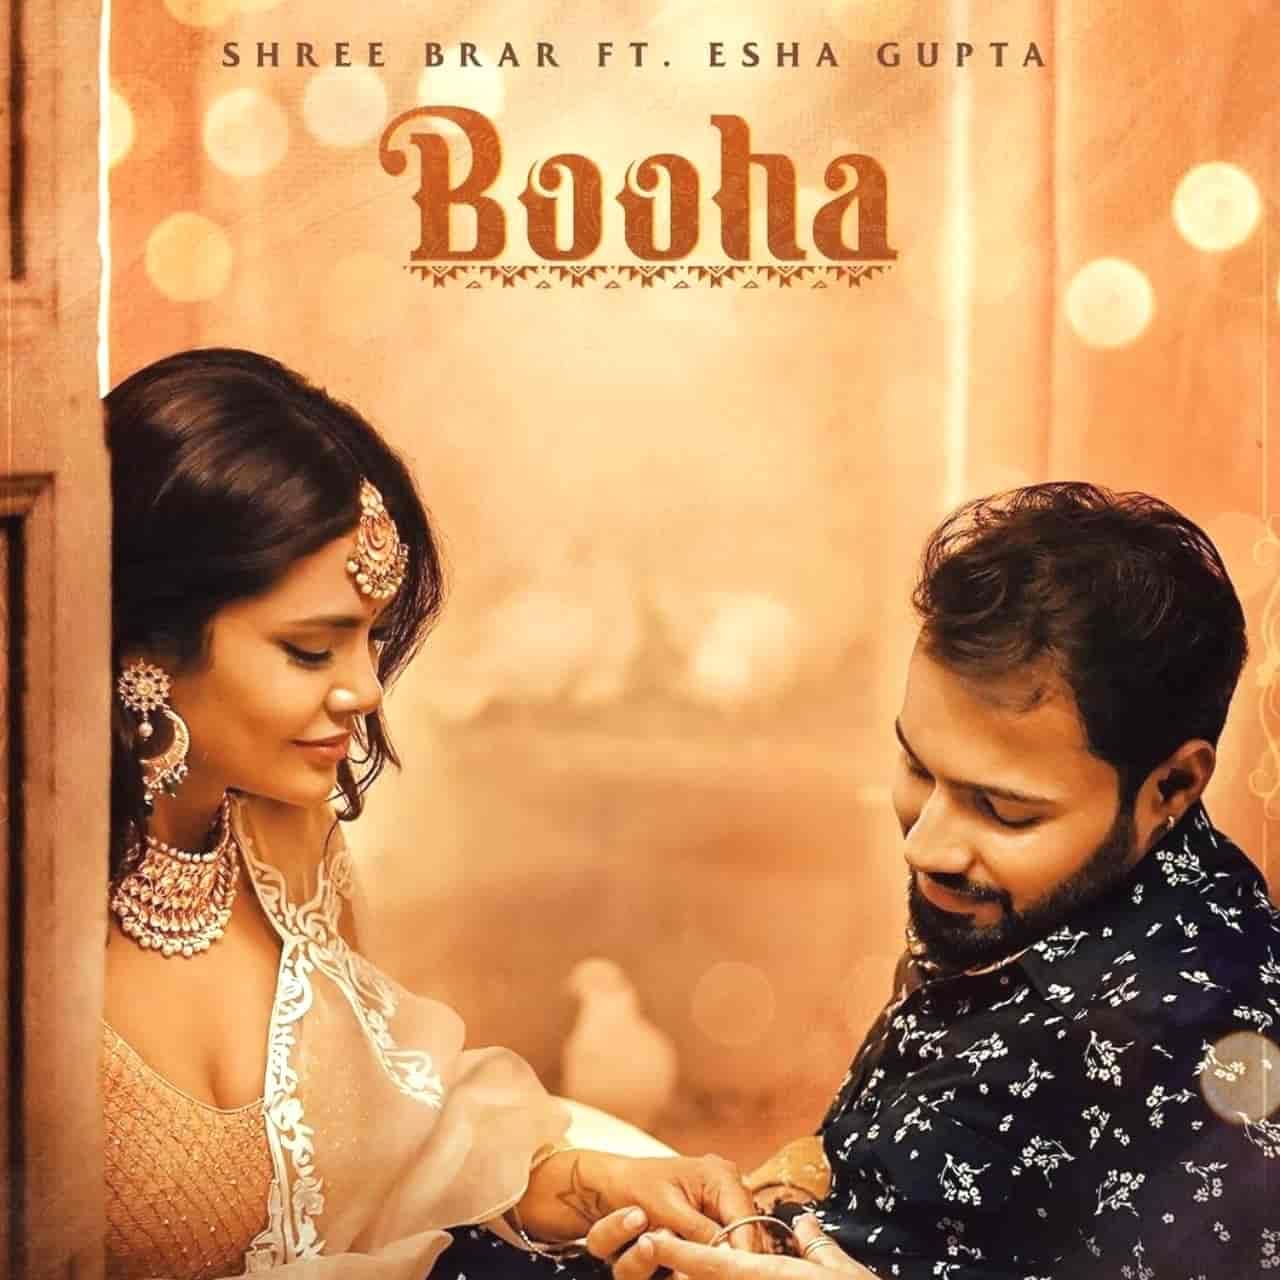 Booha Punjabi Song Lyrics Shree Brar